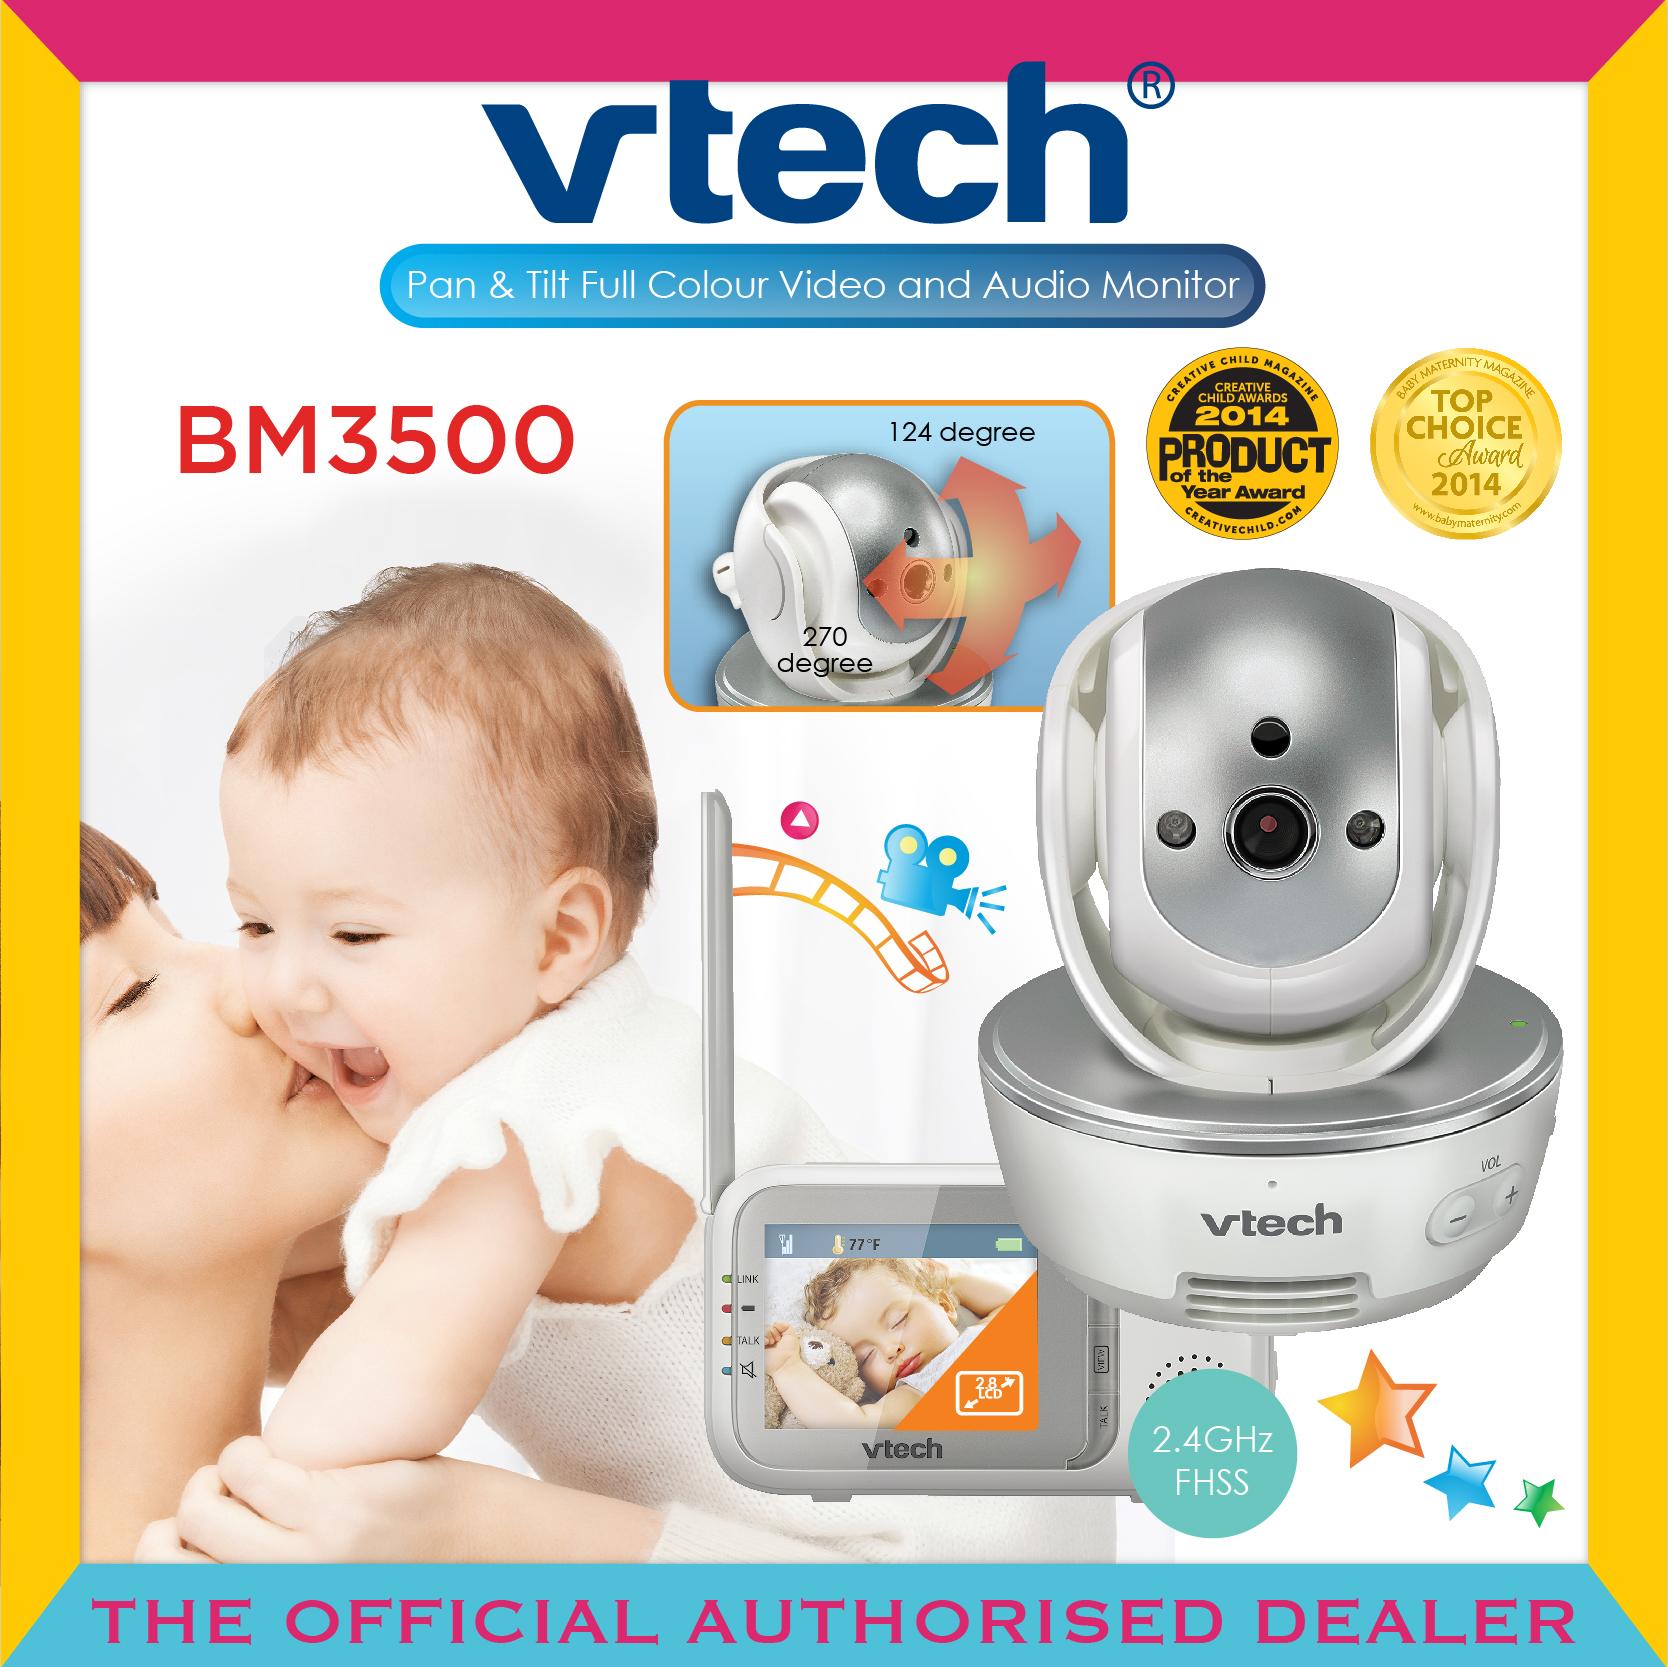 VTech BM4500 Safe /& Sound Full Colour Pan /& Tilt Video and Audio Baby Monitor Fr